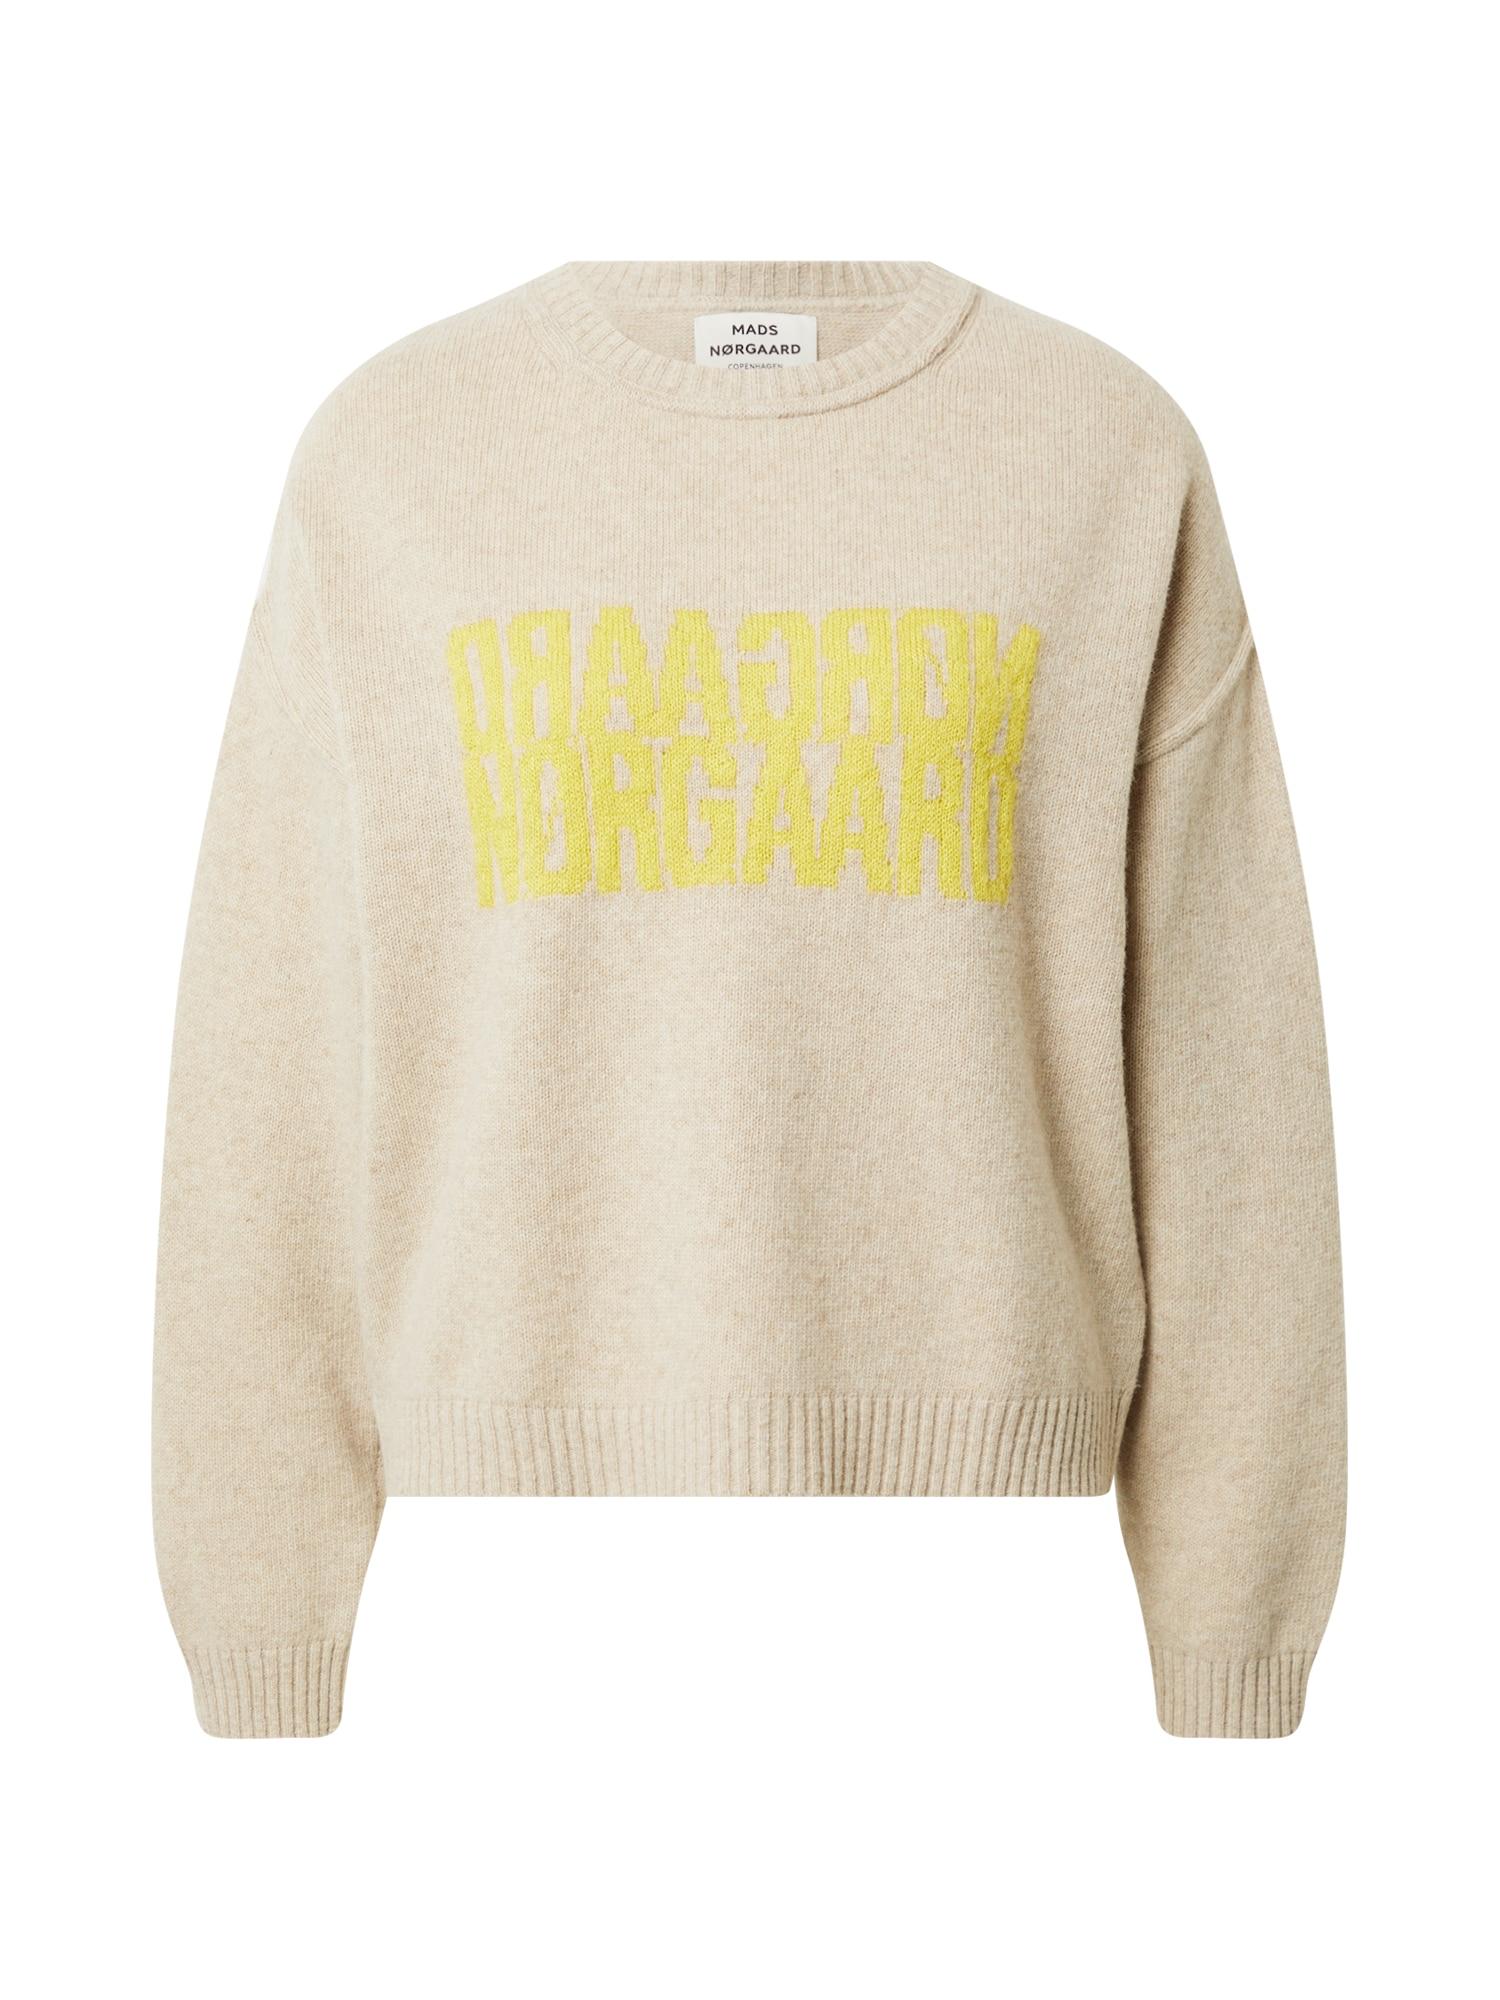 MADS NORGAARD COPENHAGEN Megztinis smėlio spalva / geltona